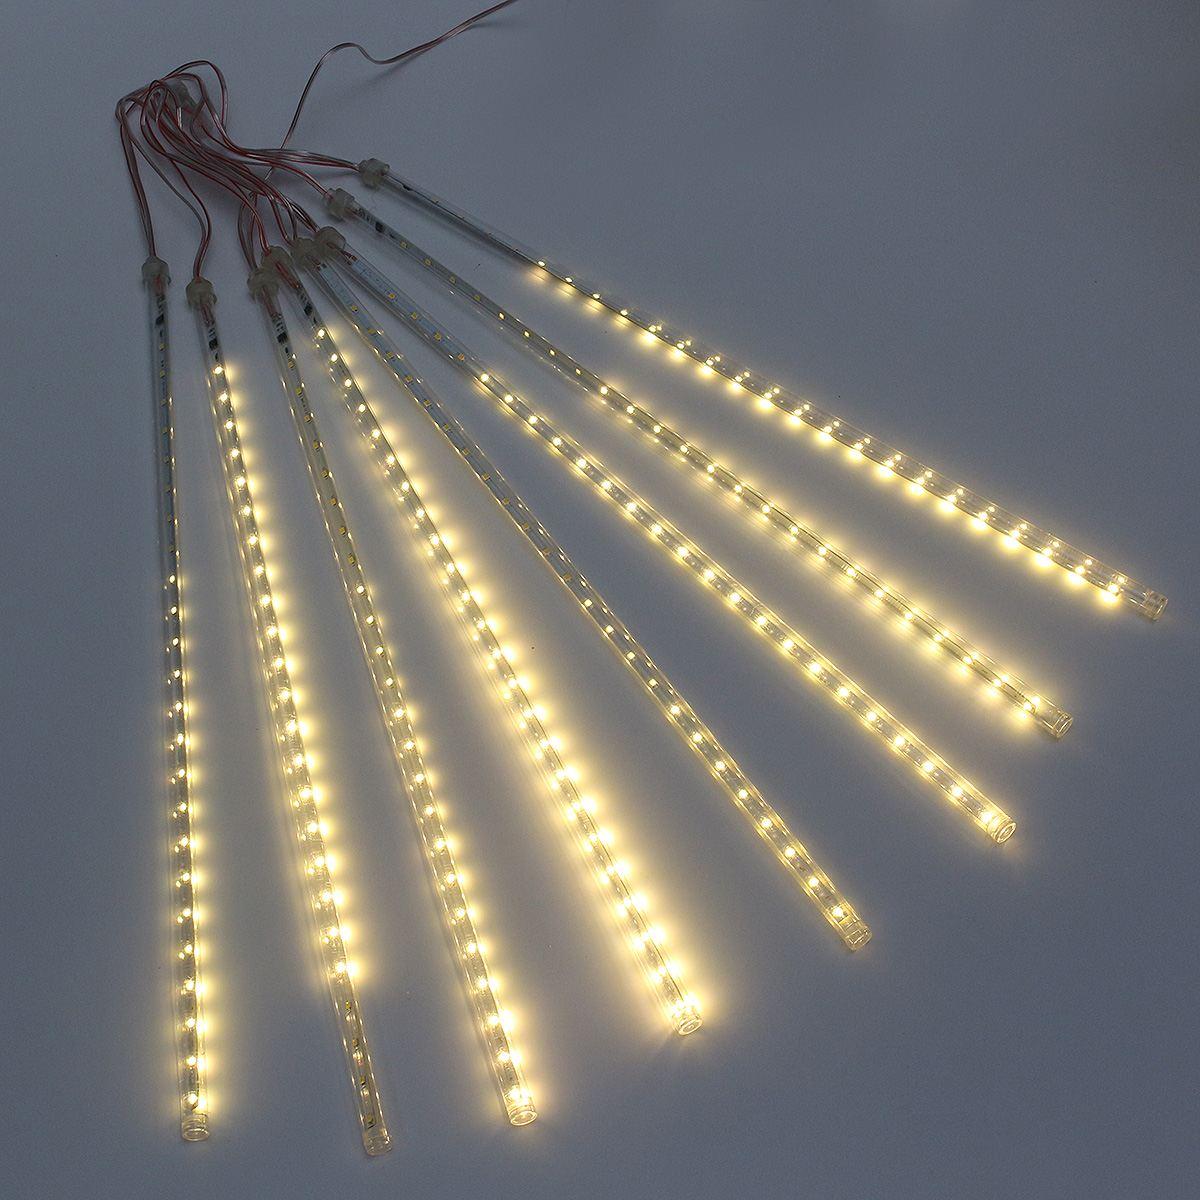 8 Tube Meteor Shower Rain Light 50CM 30 LED Strip Light Waterproof LED String Light Warm White EU Plug AC 220V